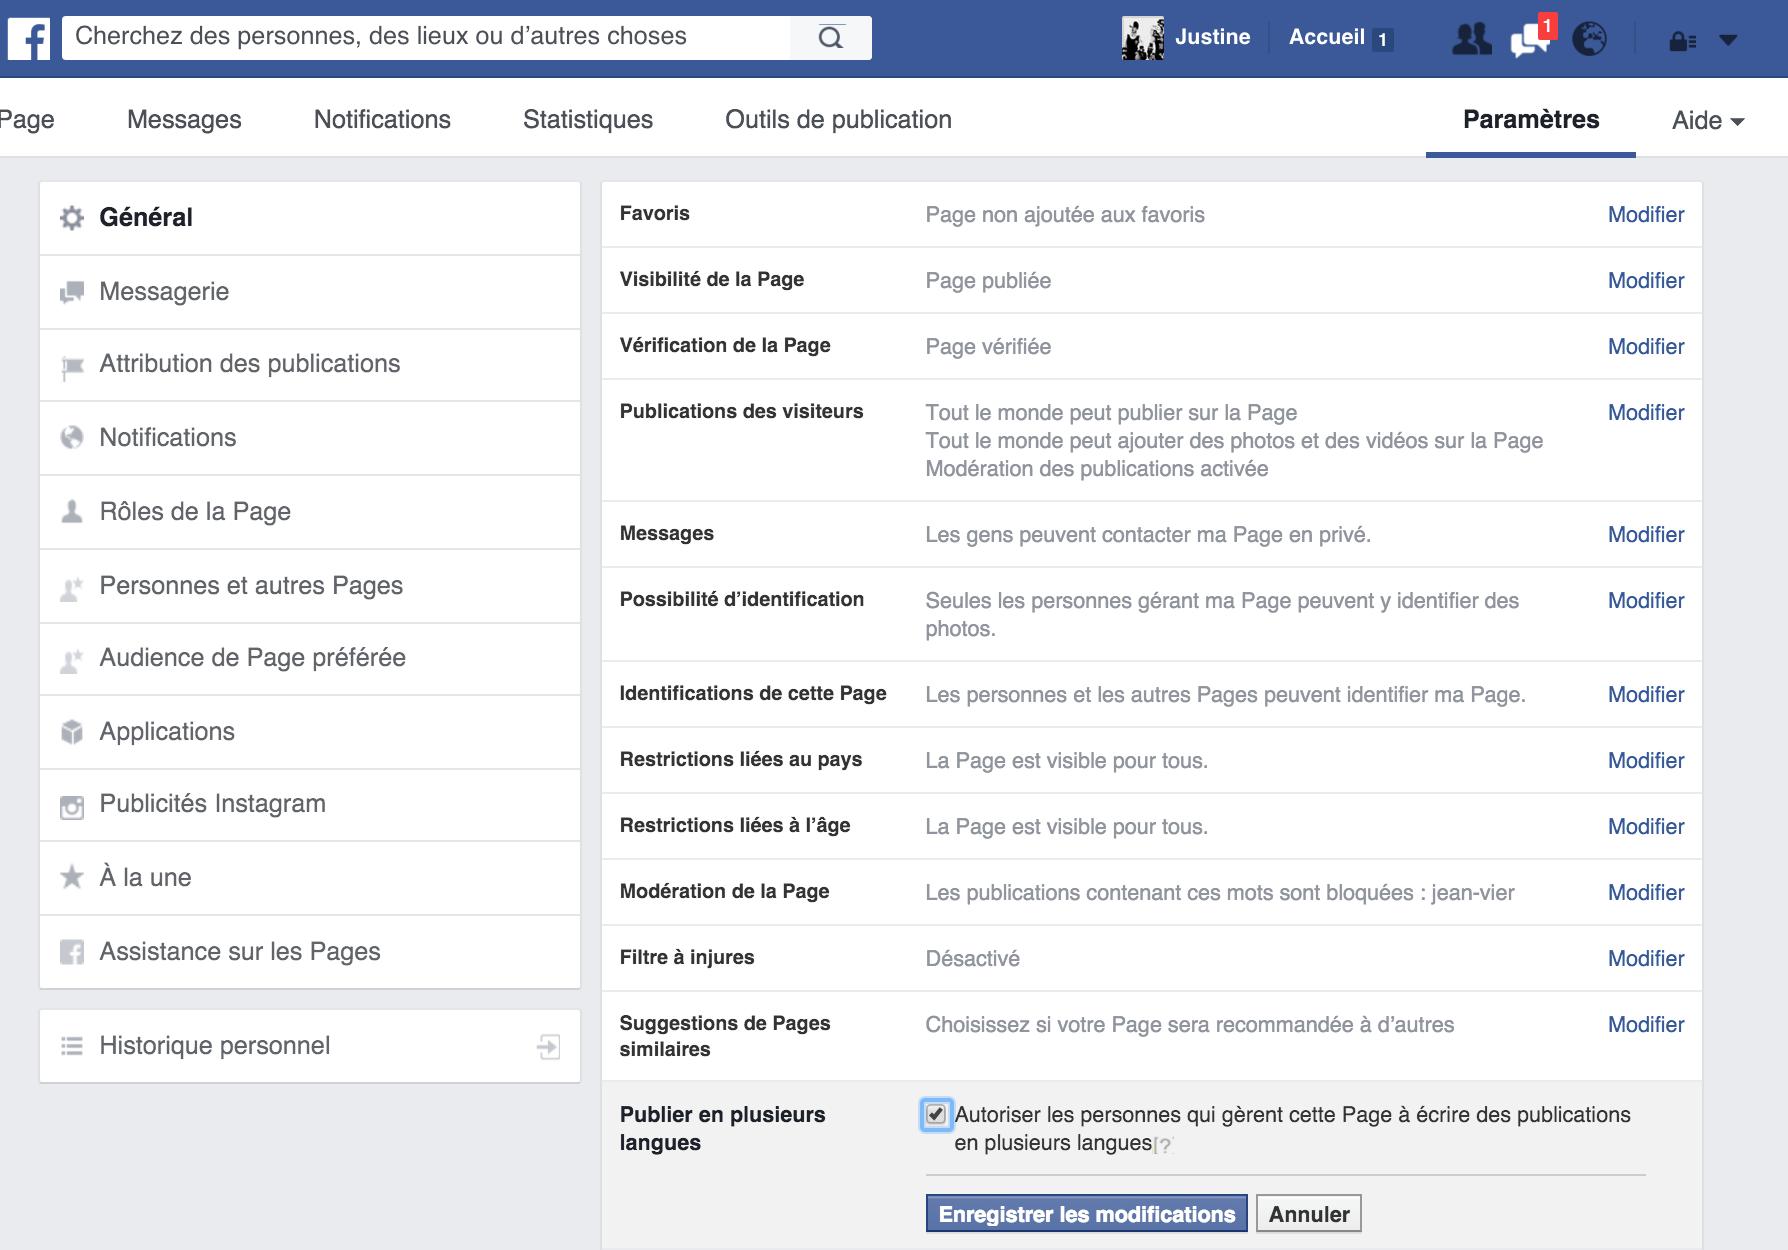 publier des publications en plusieurs langues sur Facebook